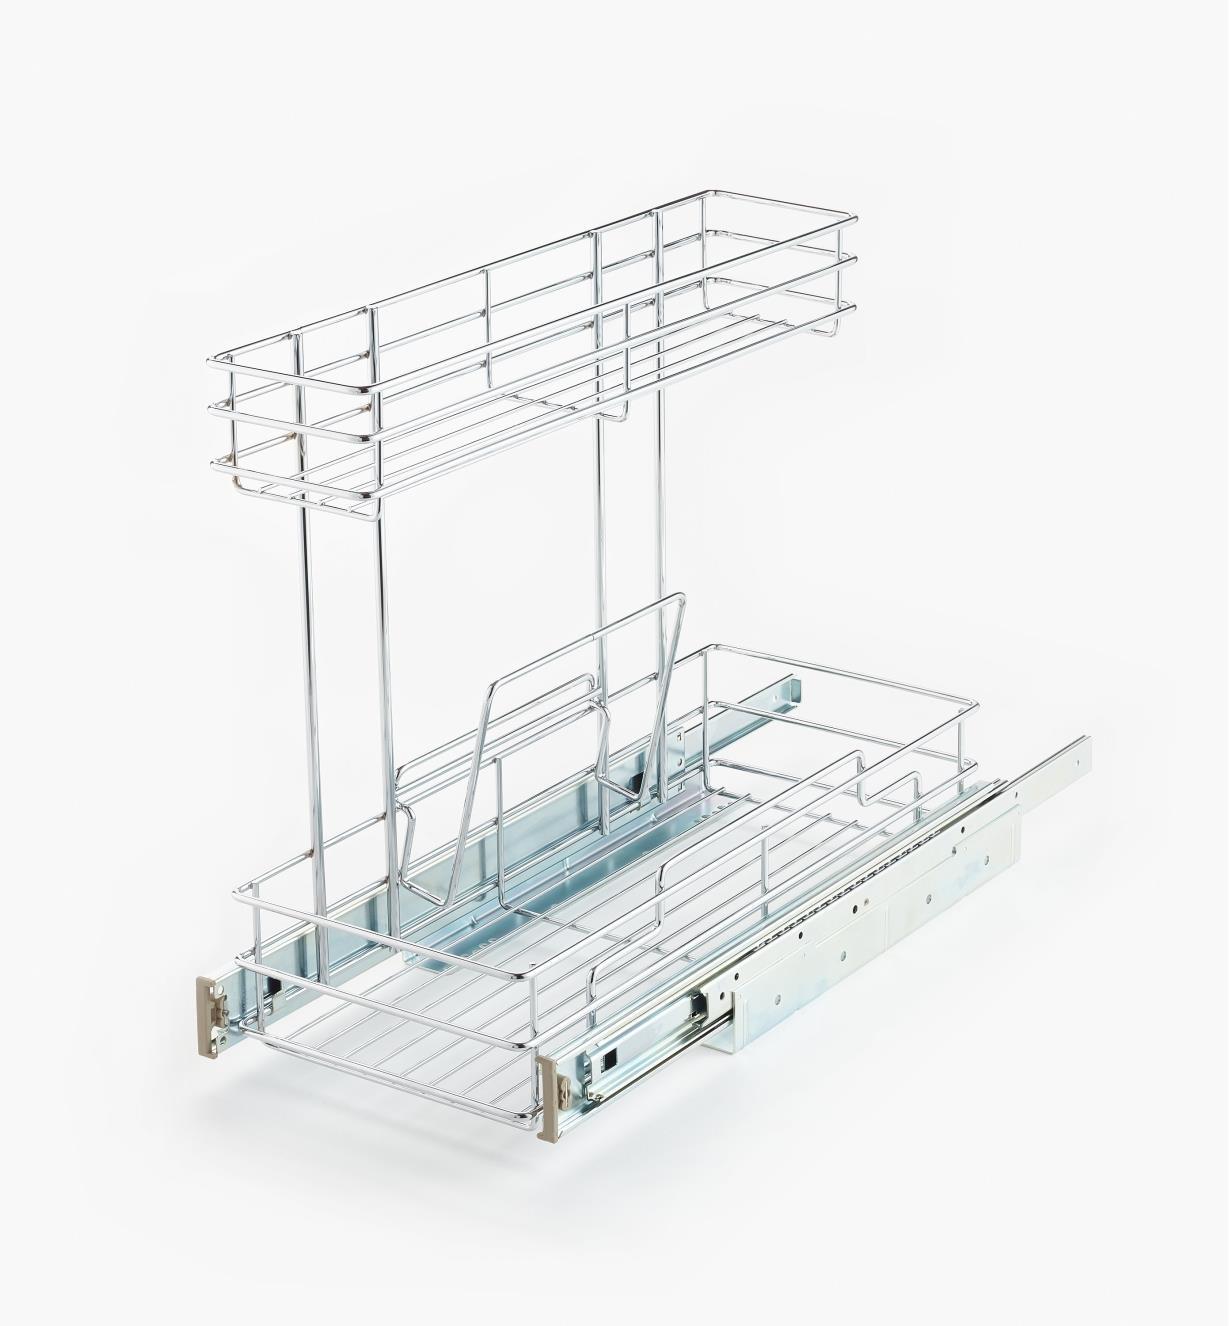 12K9910 - Under-Sink Unit